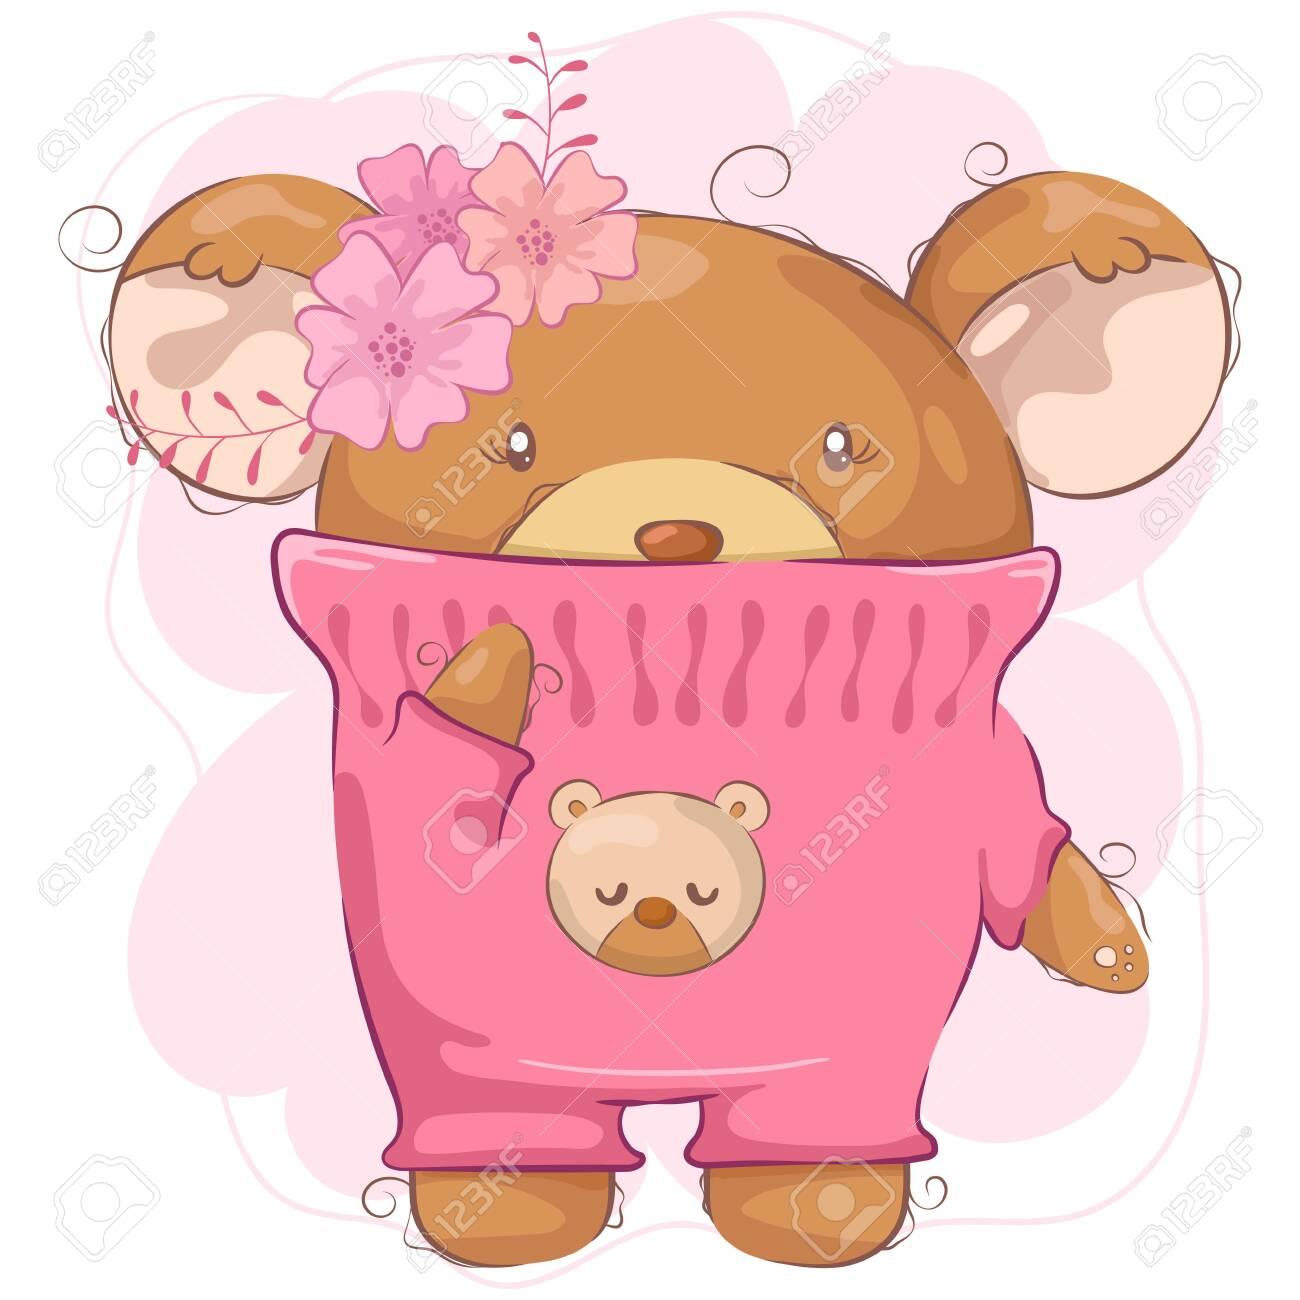 Cartoon cute bear girl with flower - 145362598